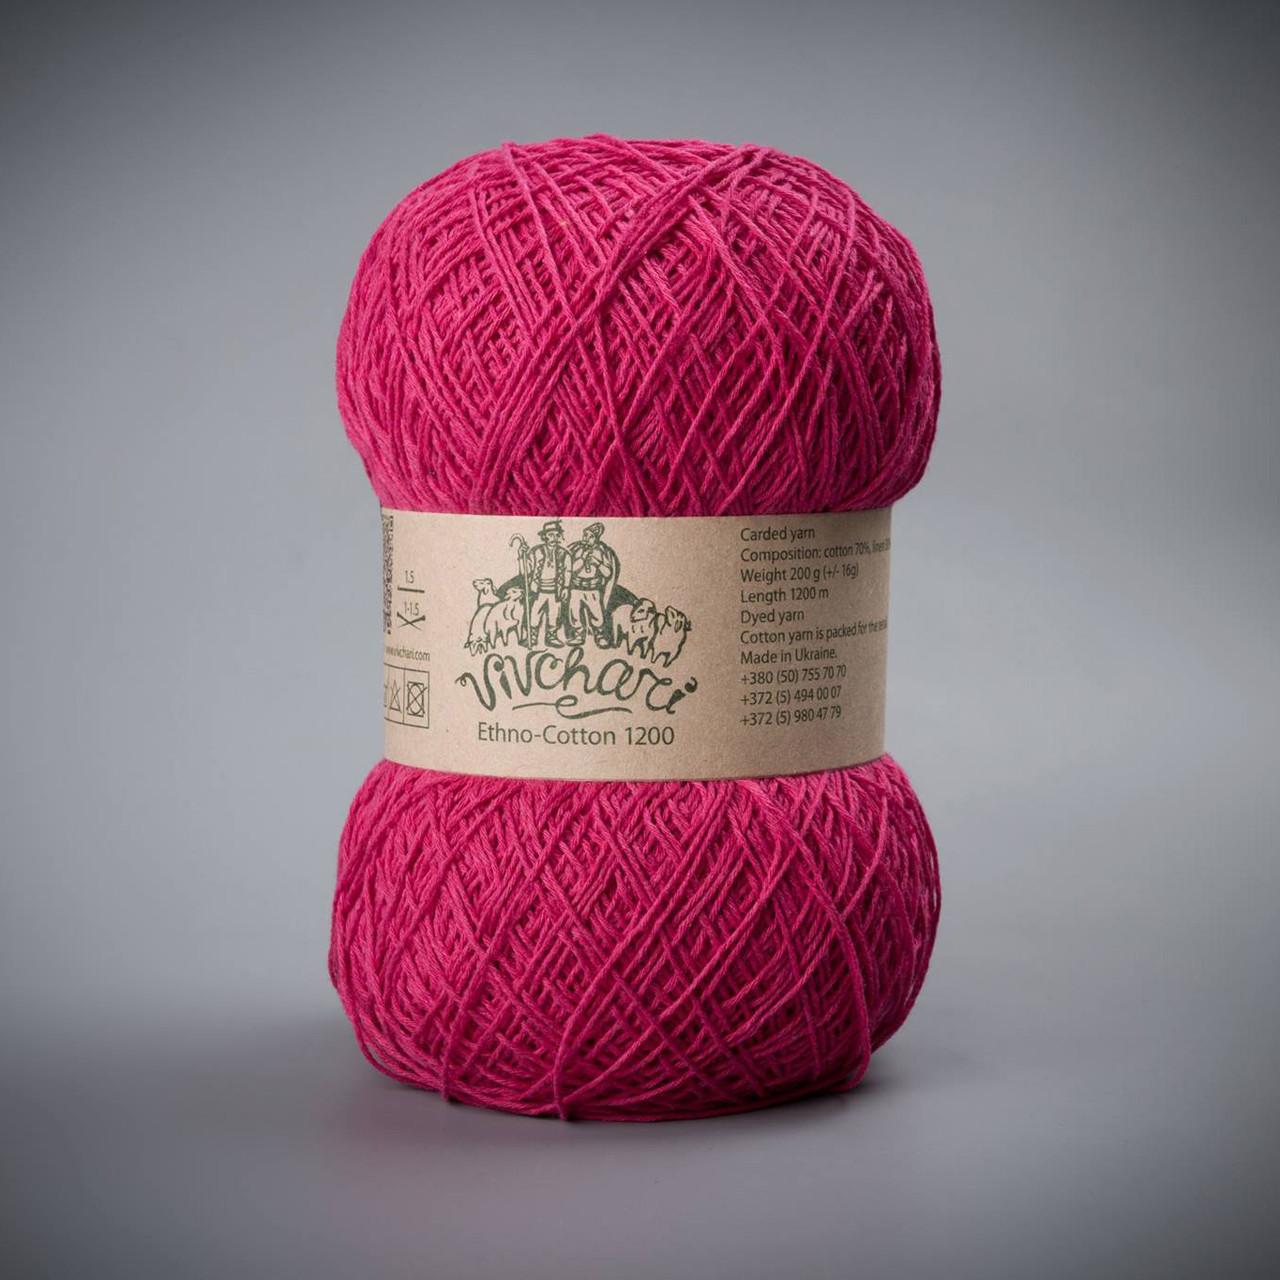 Пряжа для вязания летних вещей хлопок и лен Vivchari Ethno-Cotton, цвет 008 фуксия